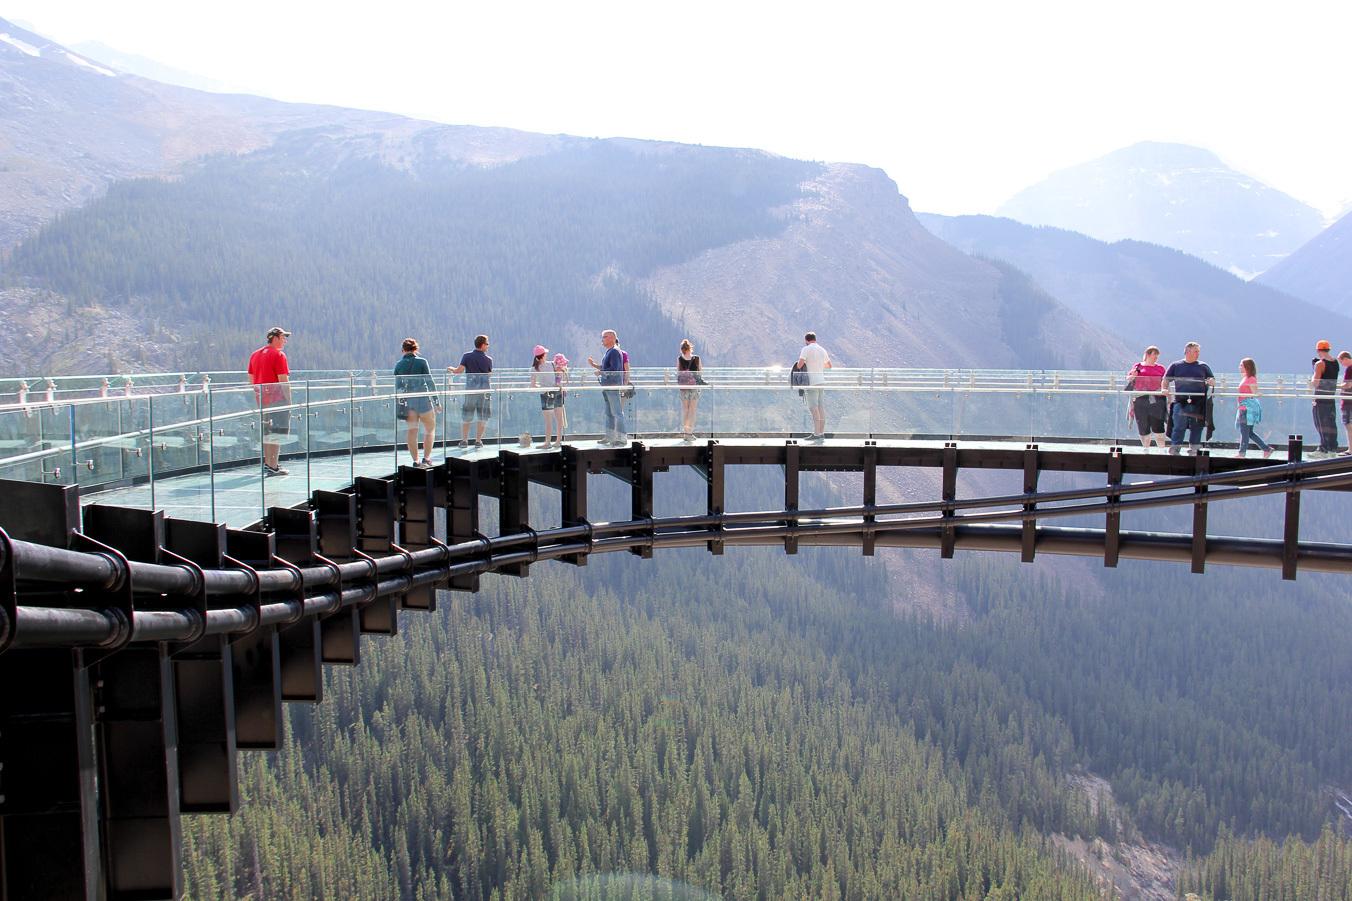 опасное для акрофобов место — смотровая площадка Glacier Skywalk